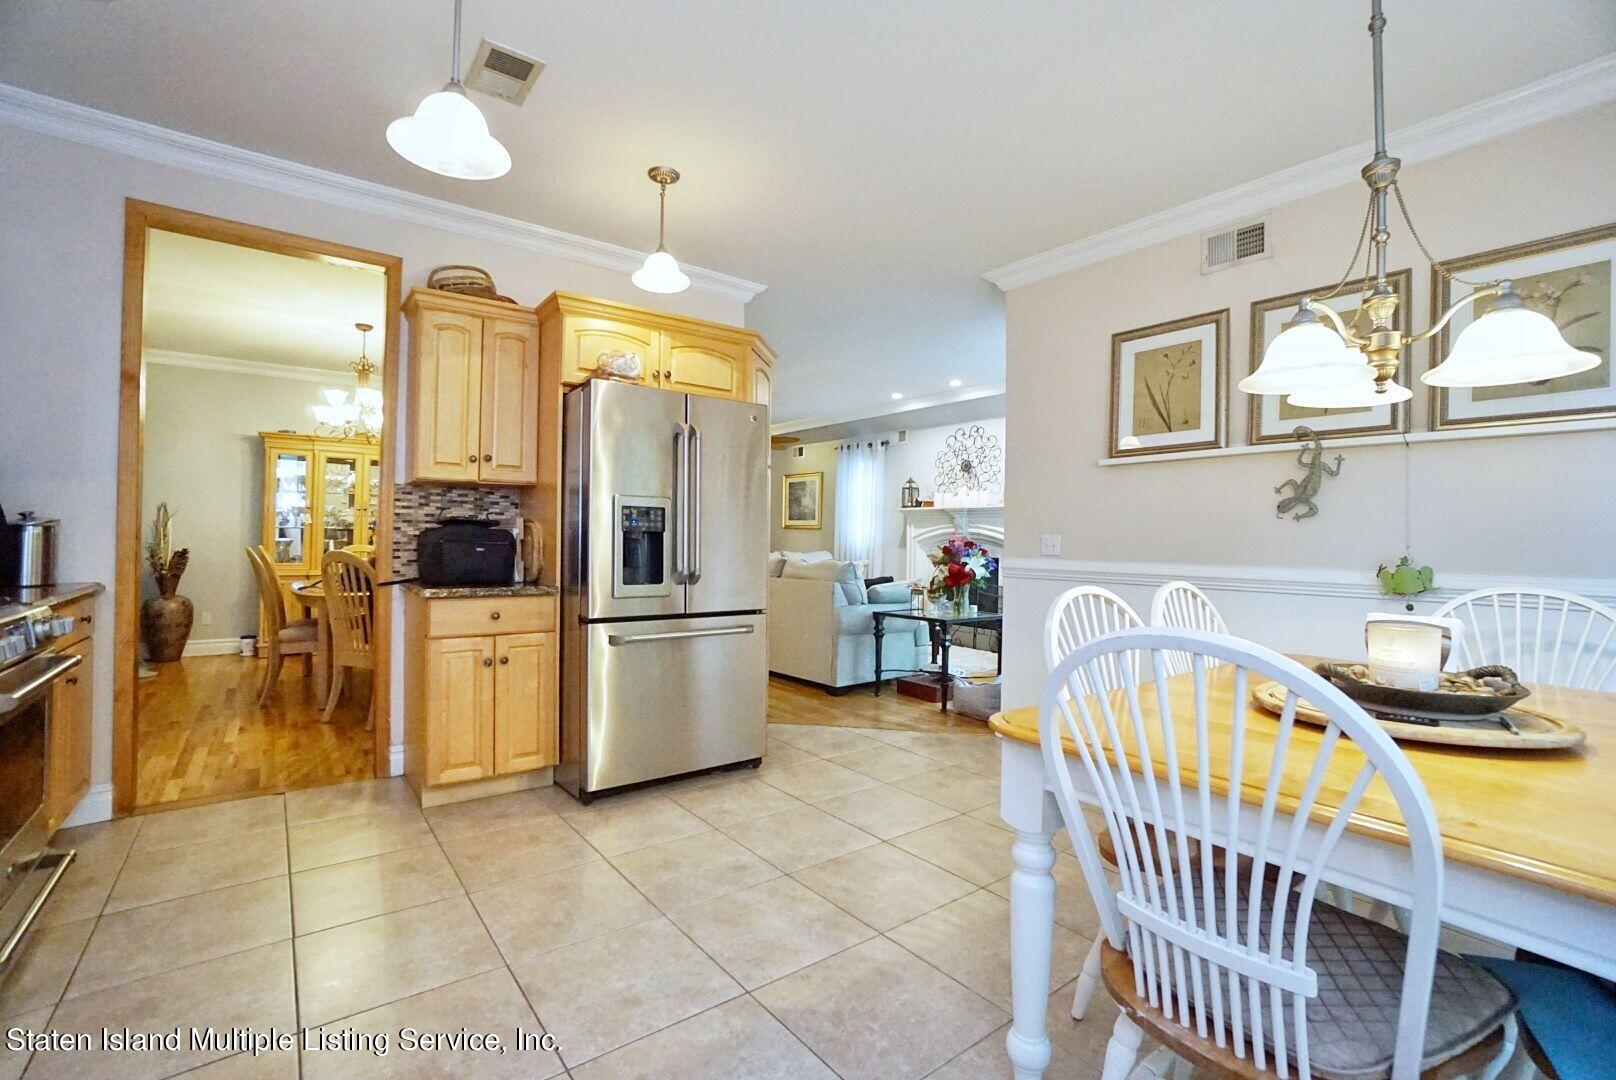 Single Family - Detached 311 Sharrott Avenue  Staten Island, NY 10309, MLS-1146042-21